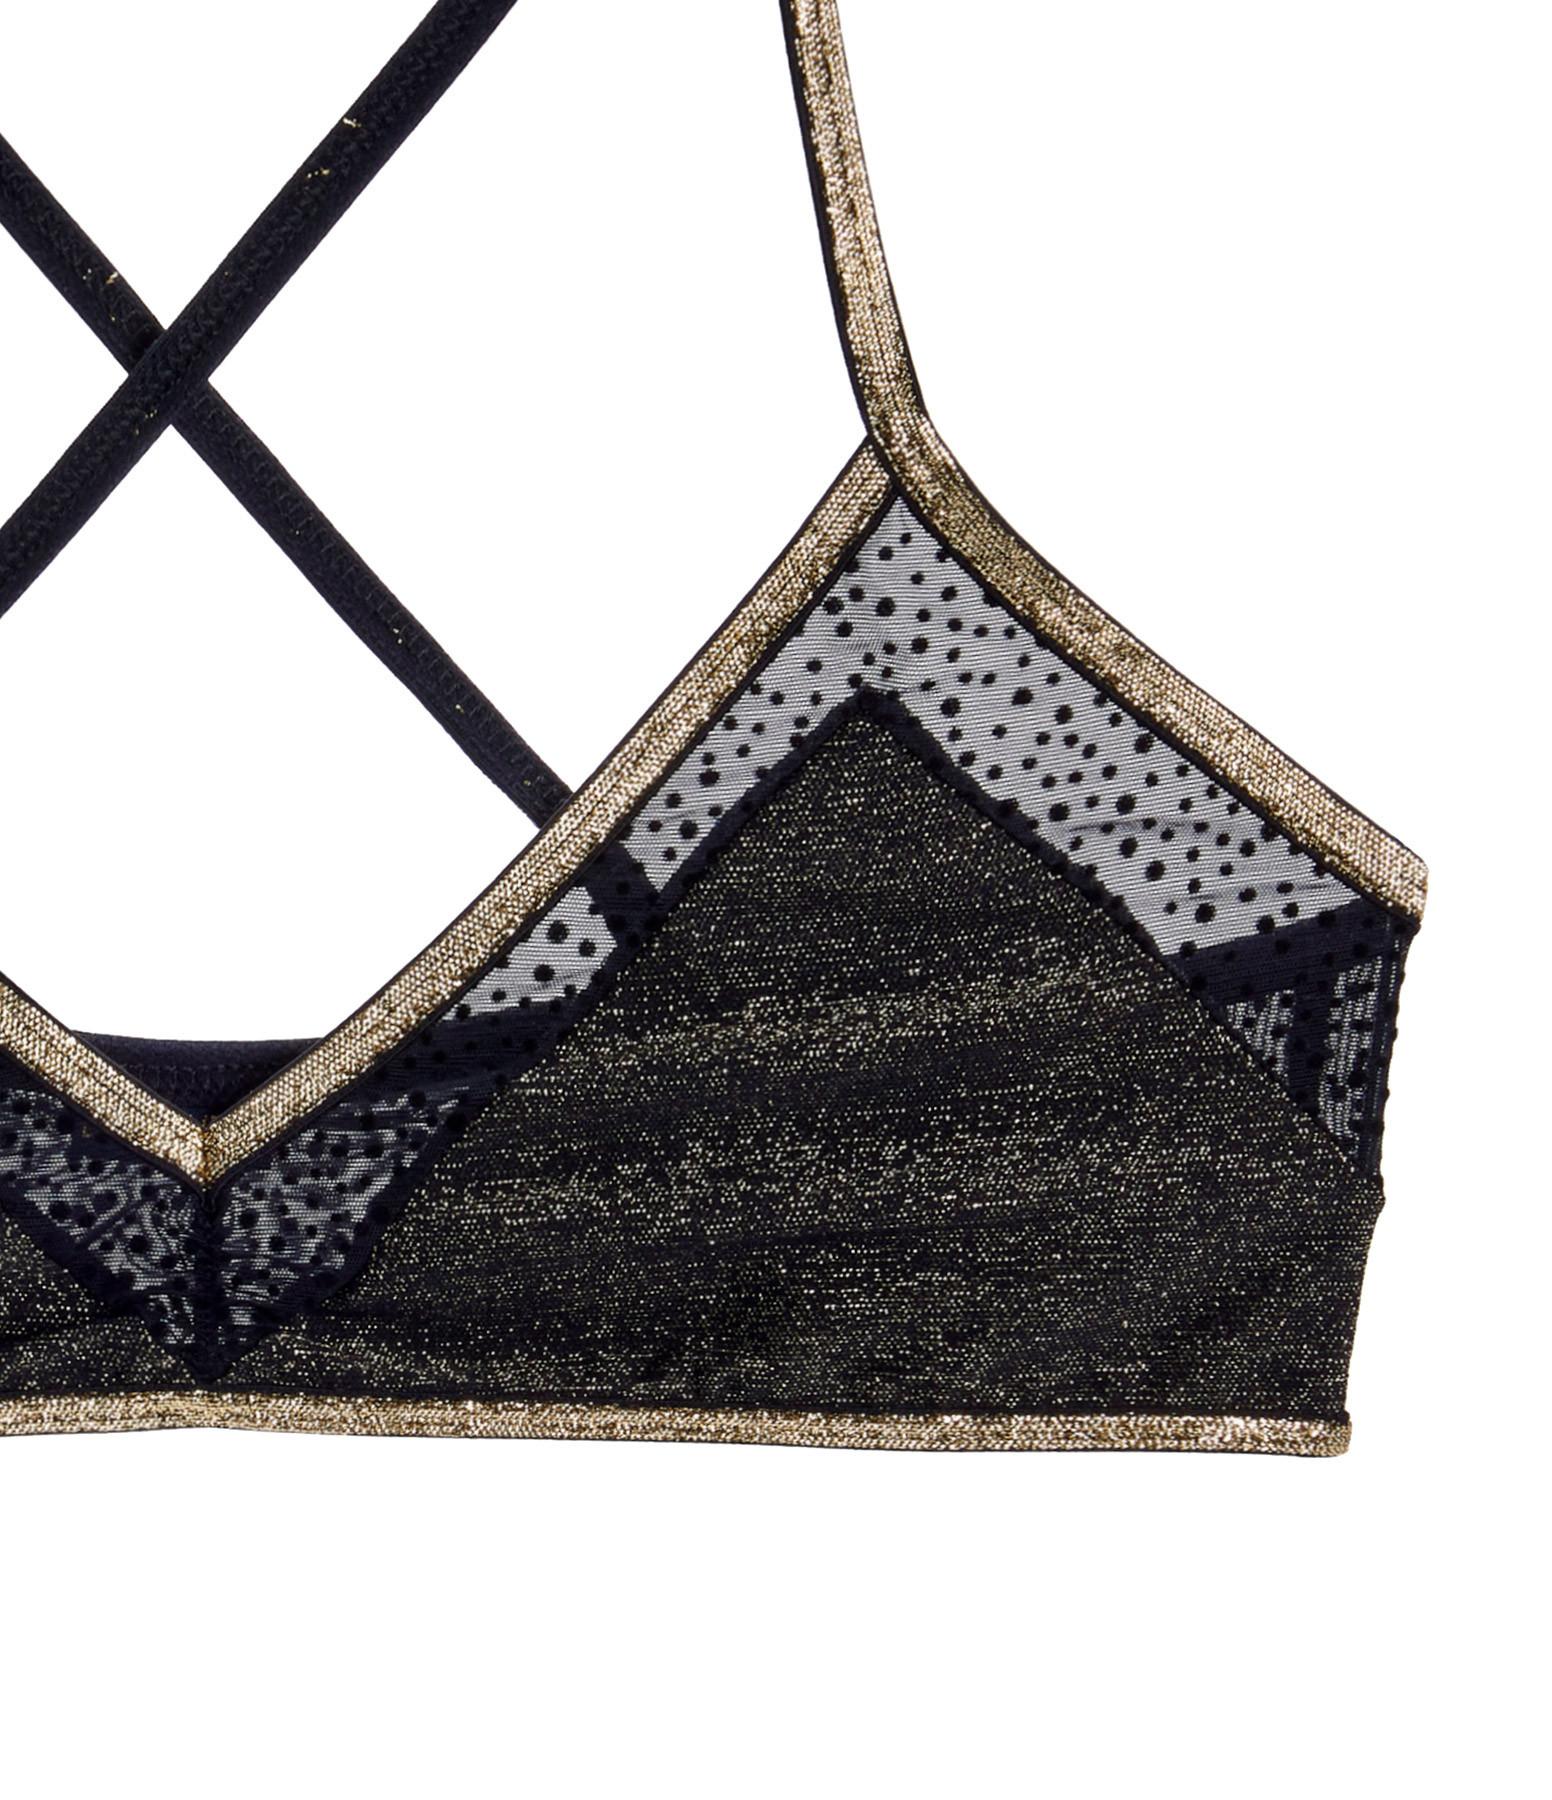 LA NOUVELLE - Brassière Gala Bi Matière Lurex Noir